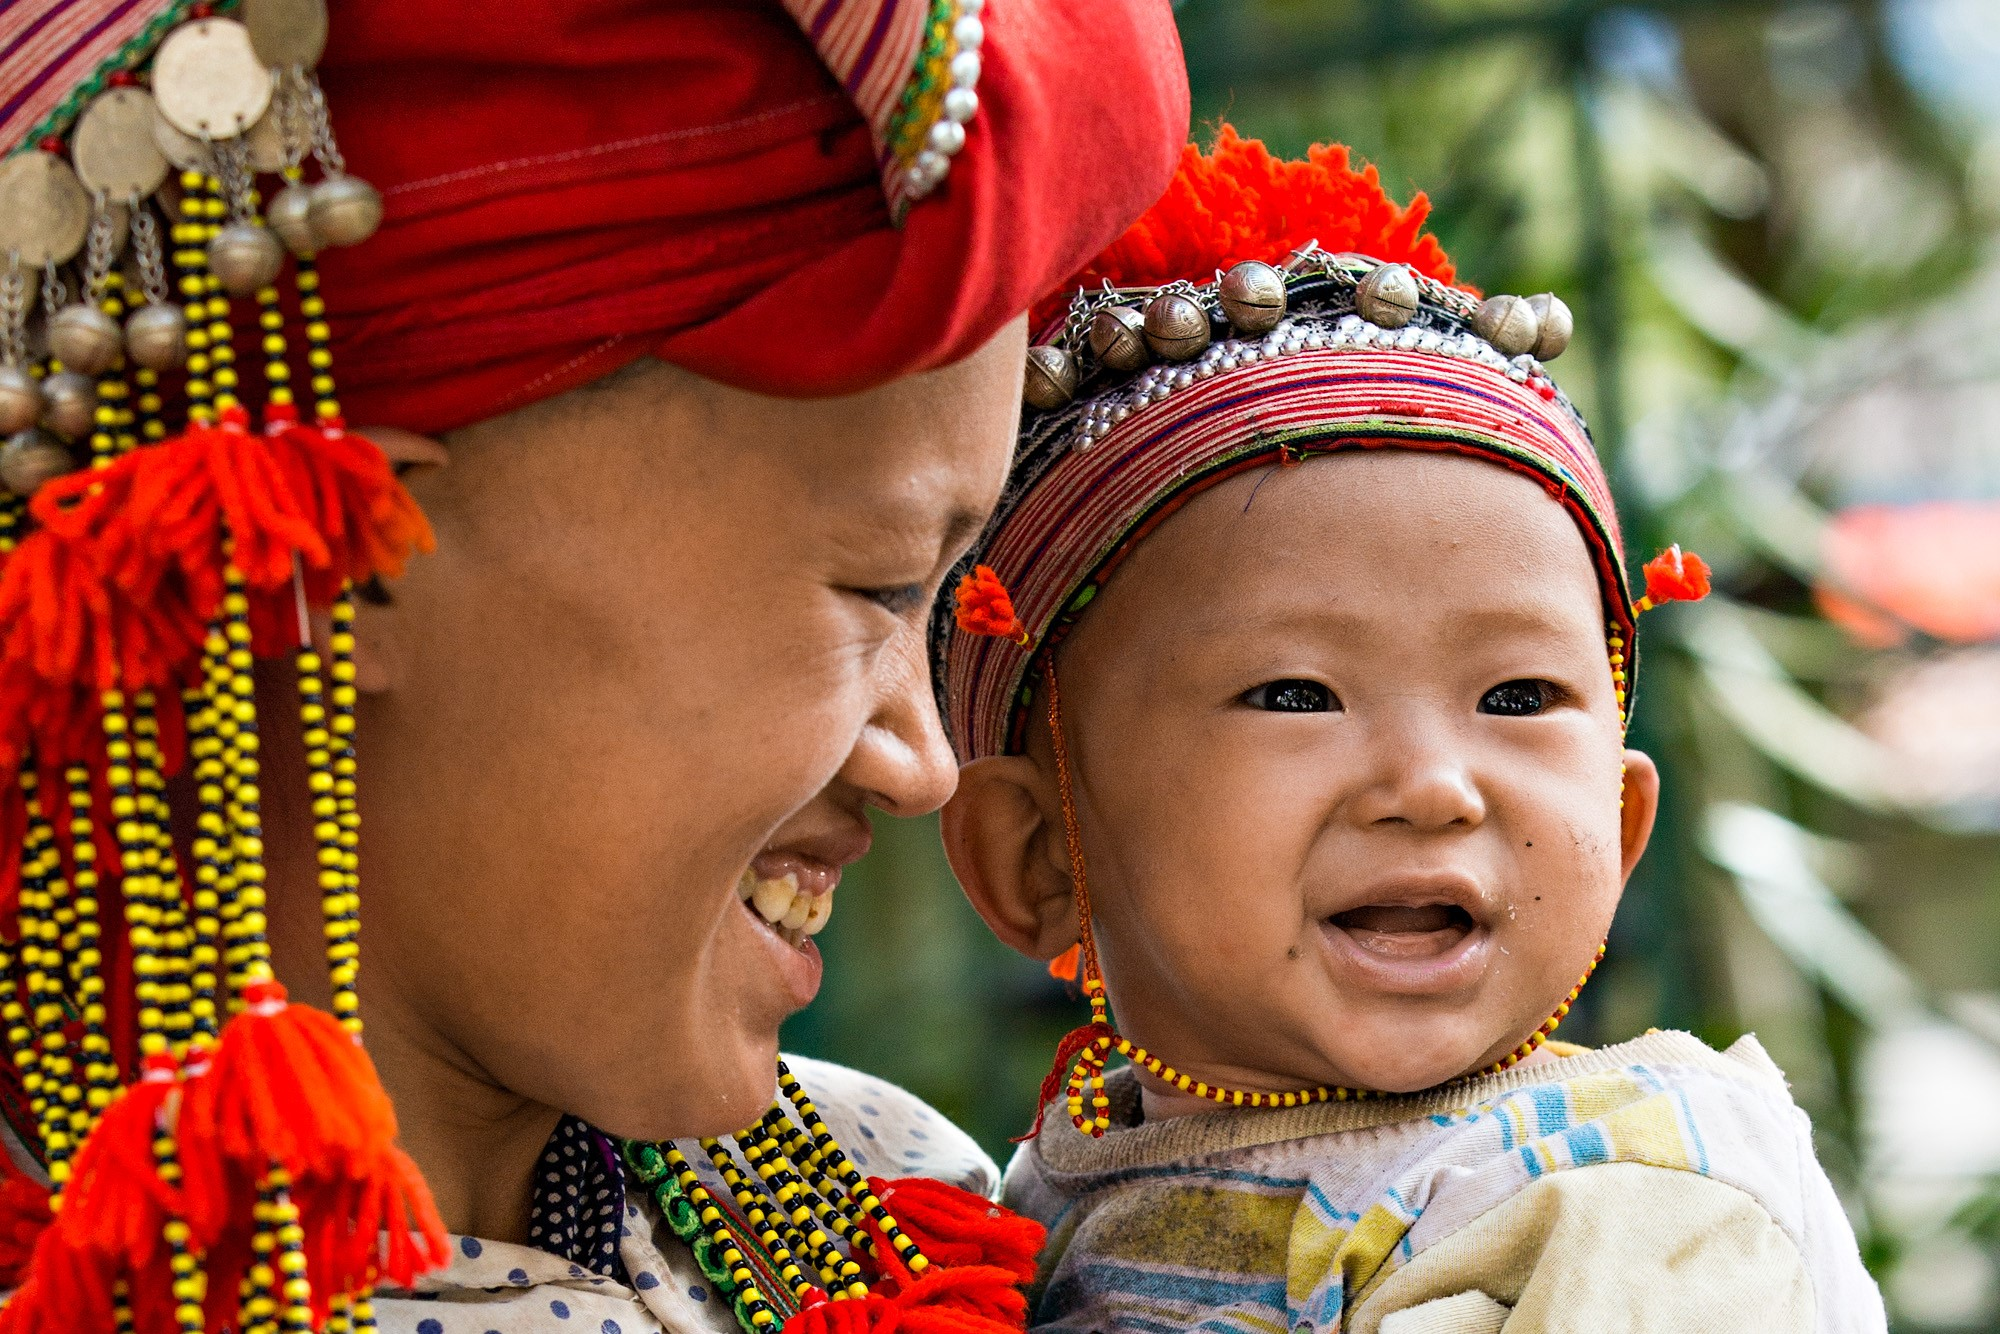 Réhahn Photographie Vietnam